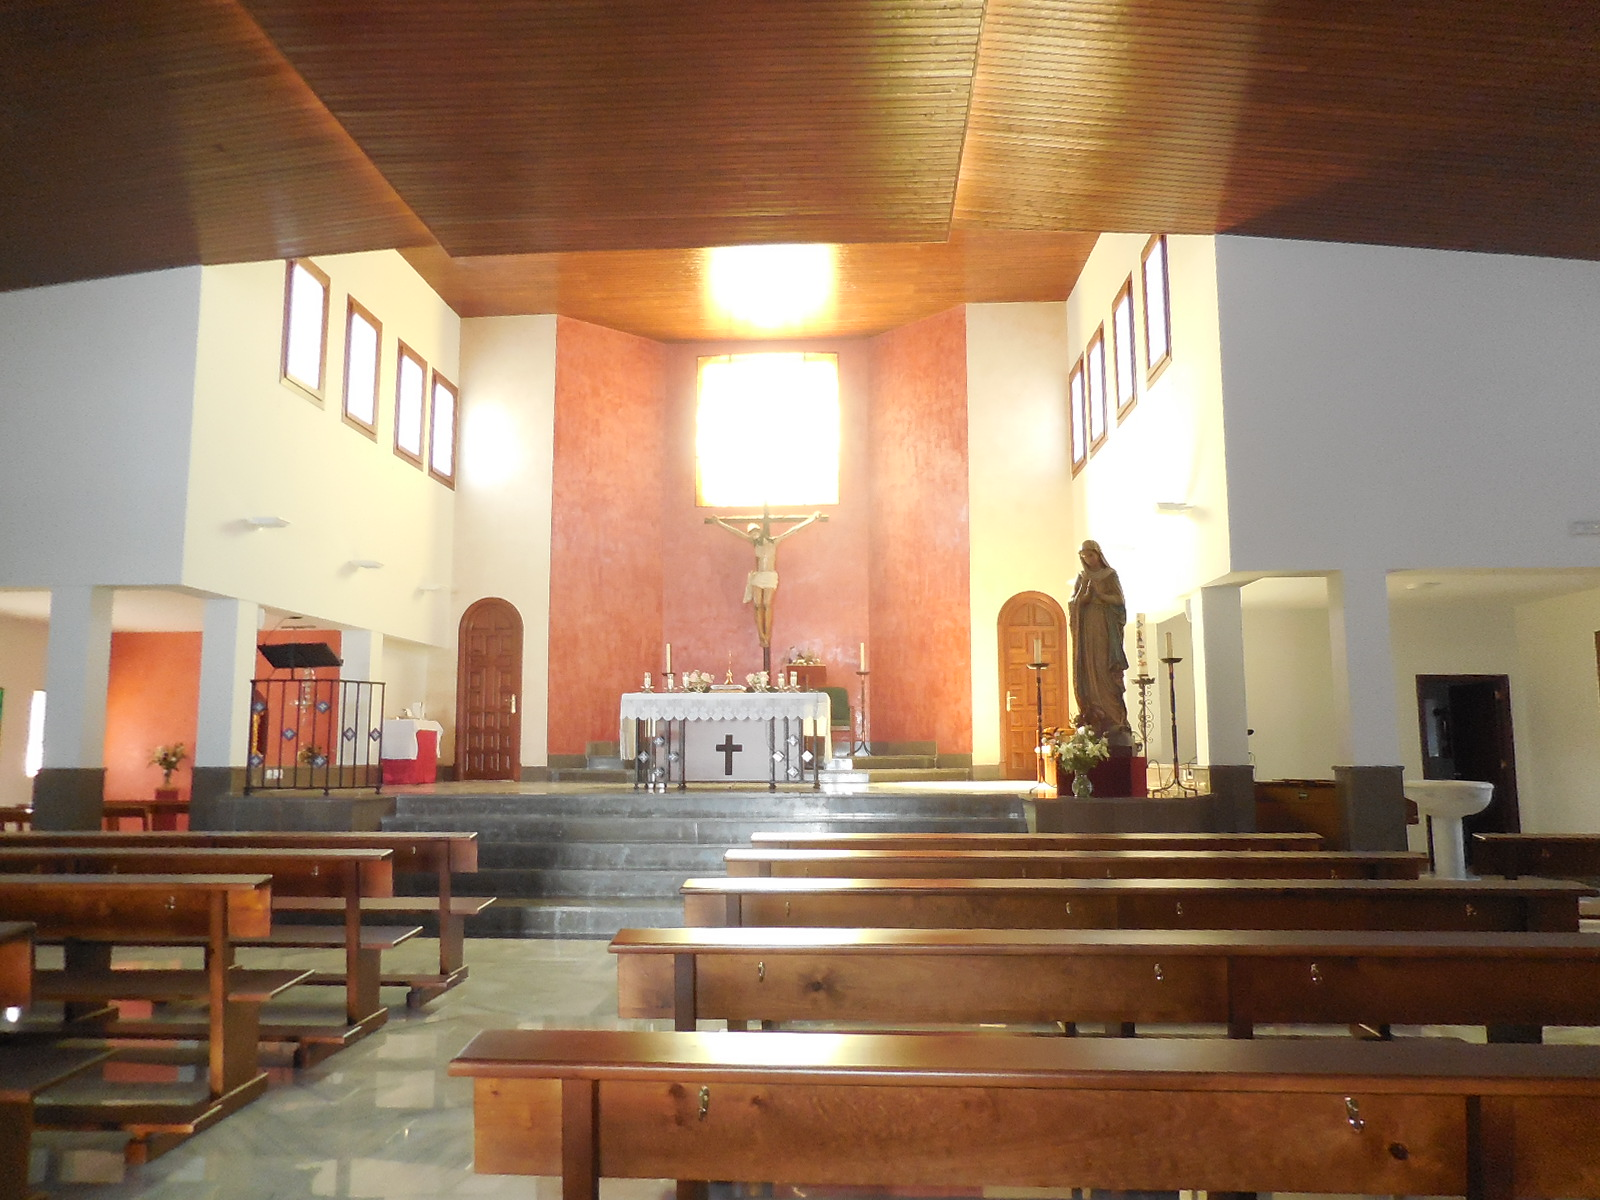 Parroquia del esp ritu santo horario de misas en estos for Exposicion 4 milenio horario